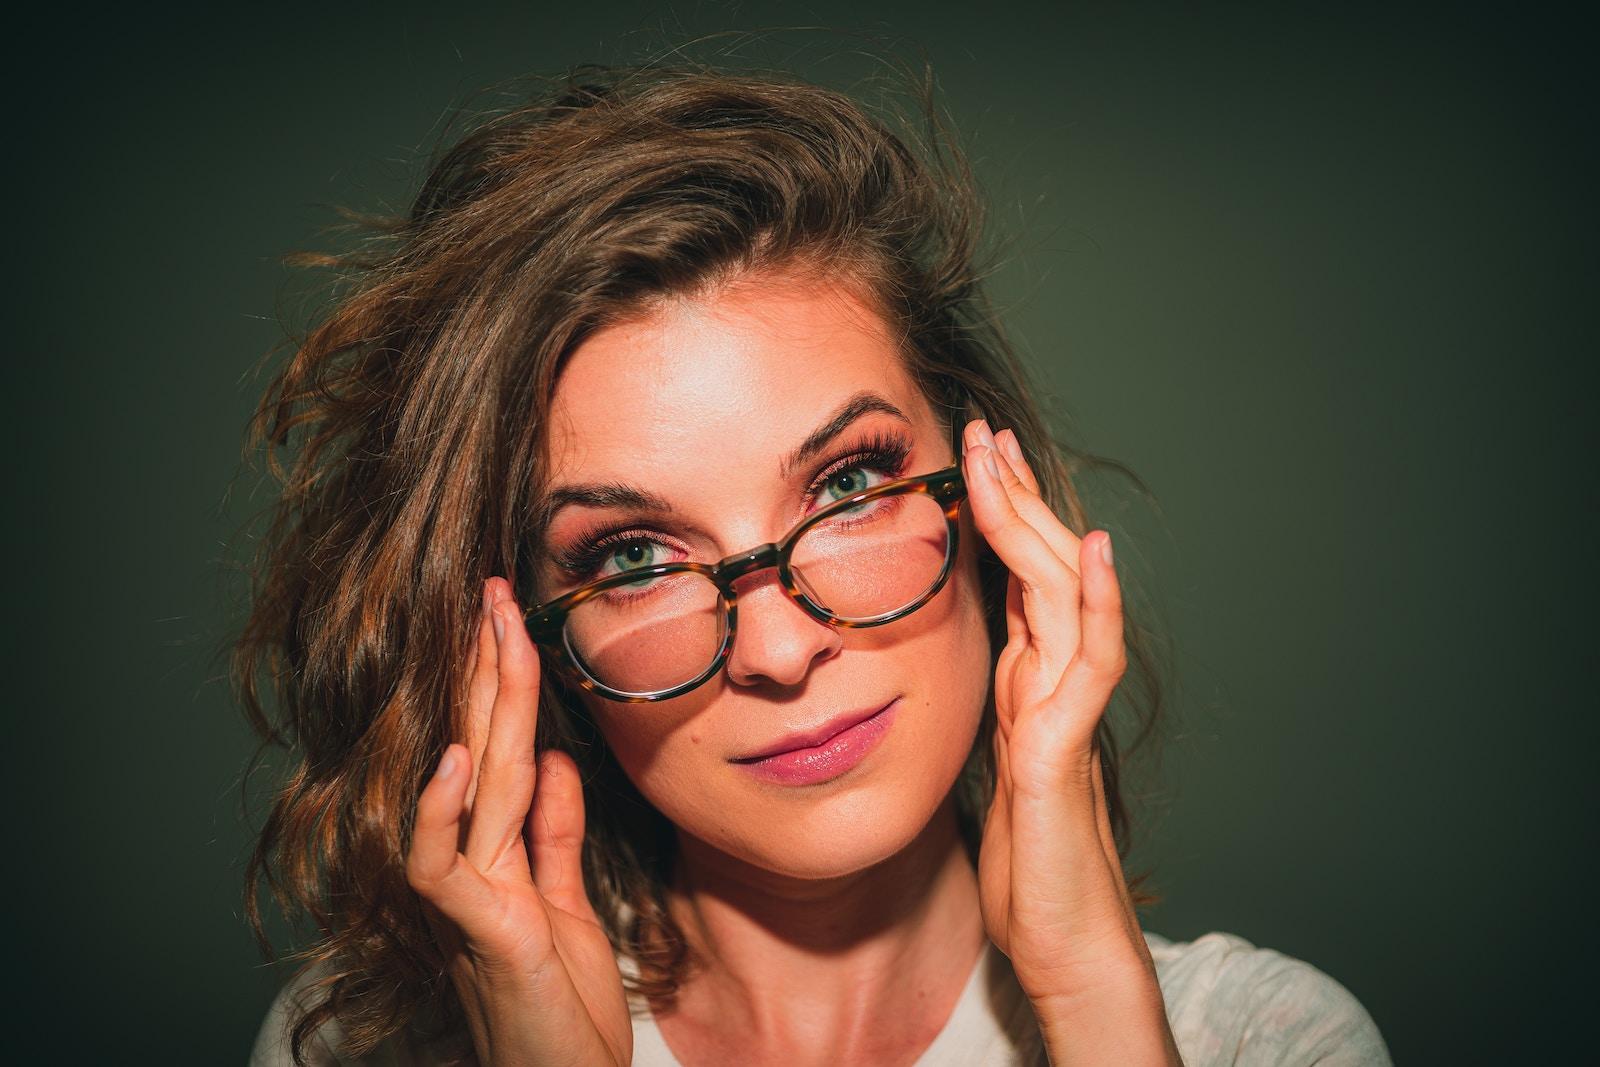 calcemin pentru vedere slabă cum să îmbunătățim vederea la bătrânețe